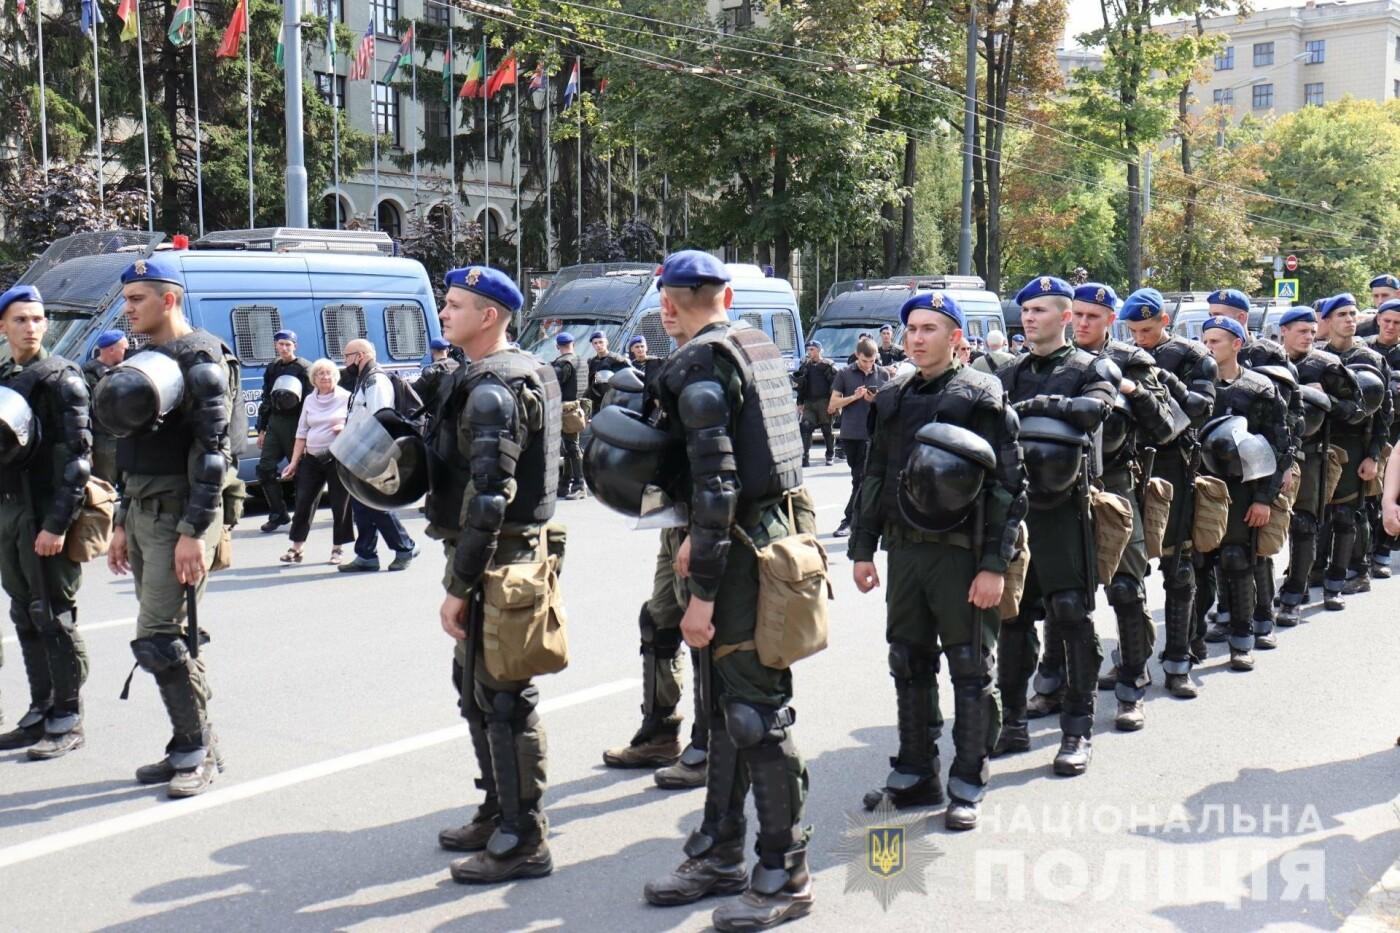 ЛГБТ-марш в центре Харькова: участников события охраняли более 1,2 тысячи силовиков с 40 единицами спецтехники, - ФОТО, фото-3